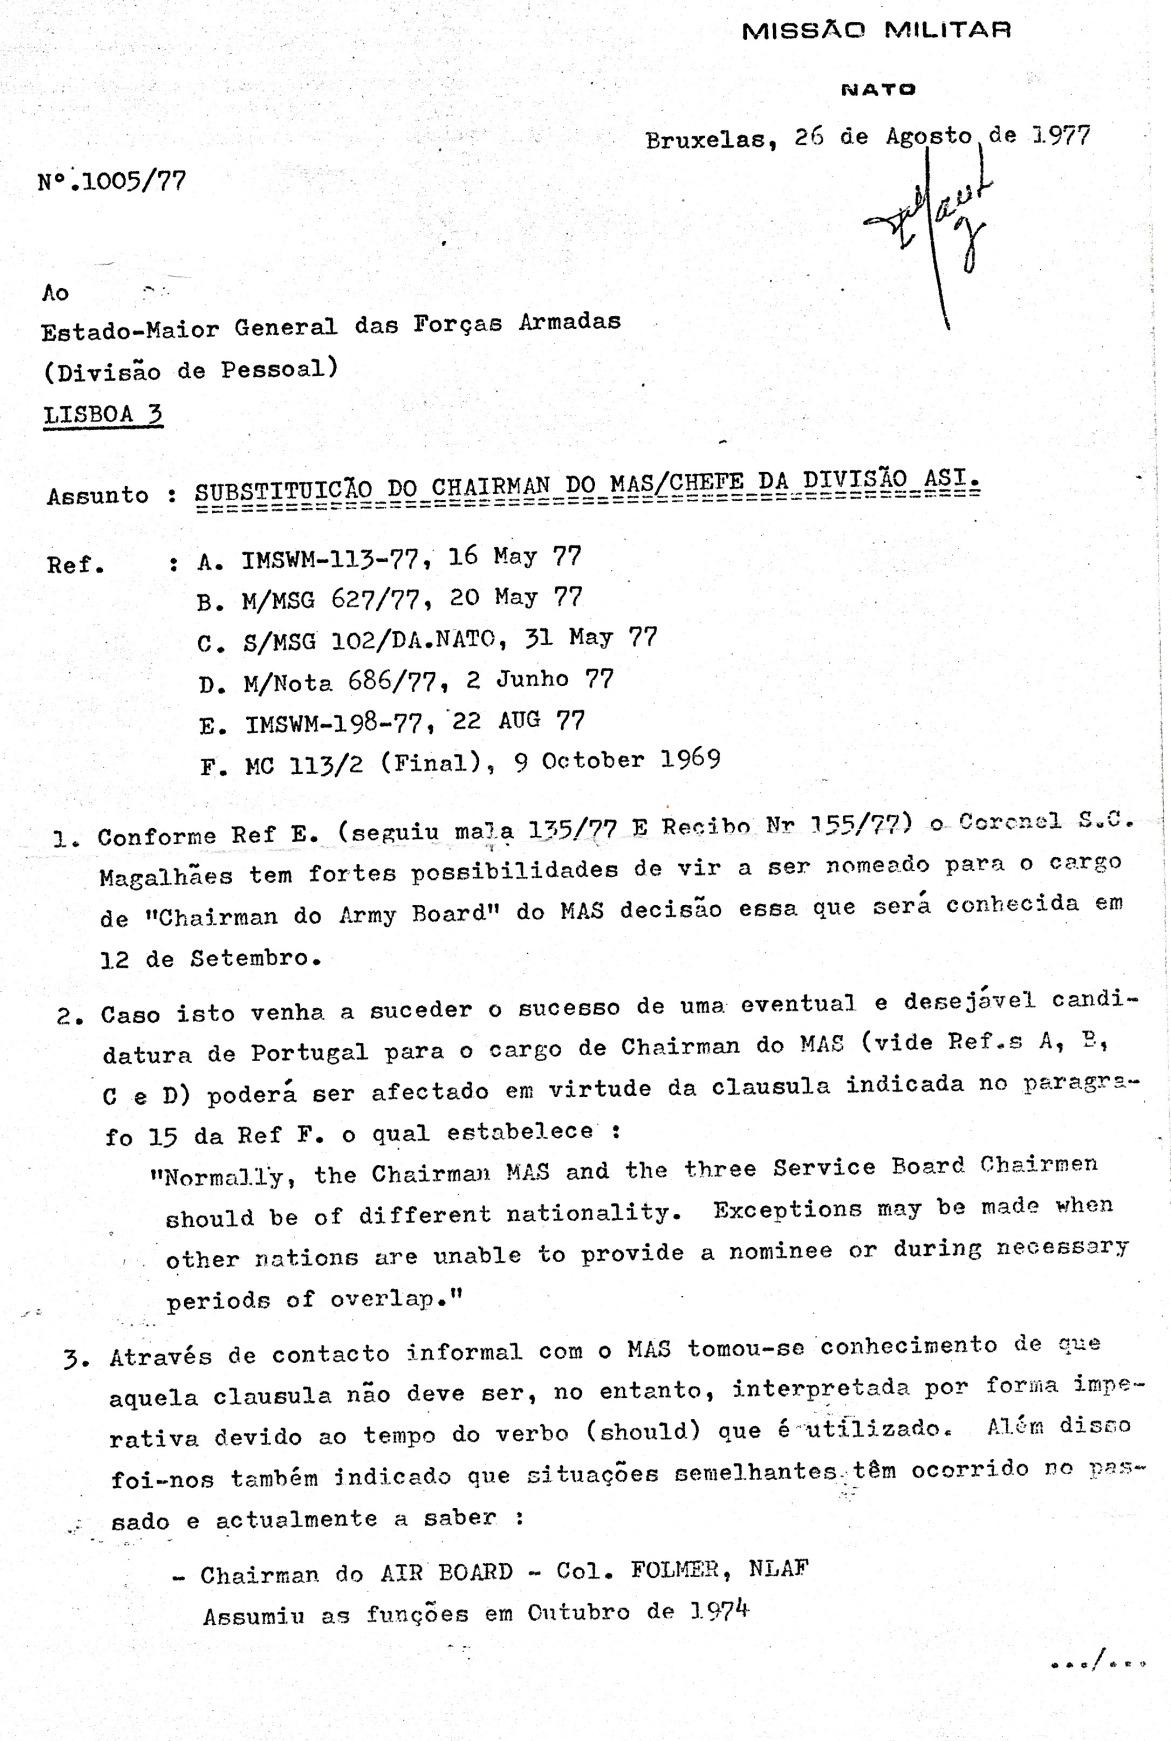 00836 977-08-26 Cargo na NATO - MILREP PO solicita informação se Portugal apresenta candidatura pg 1